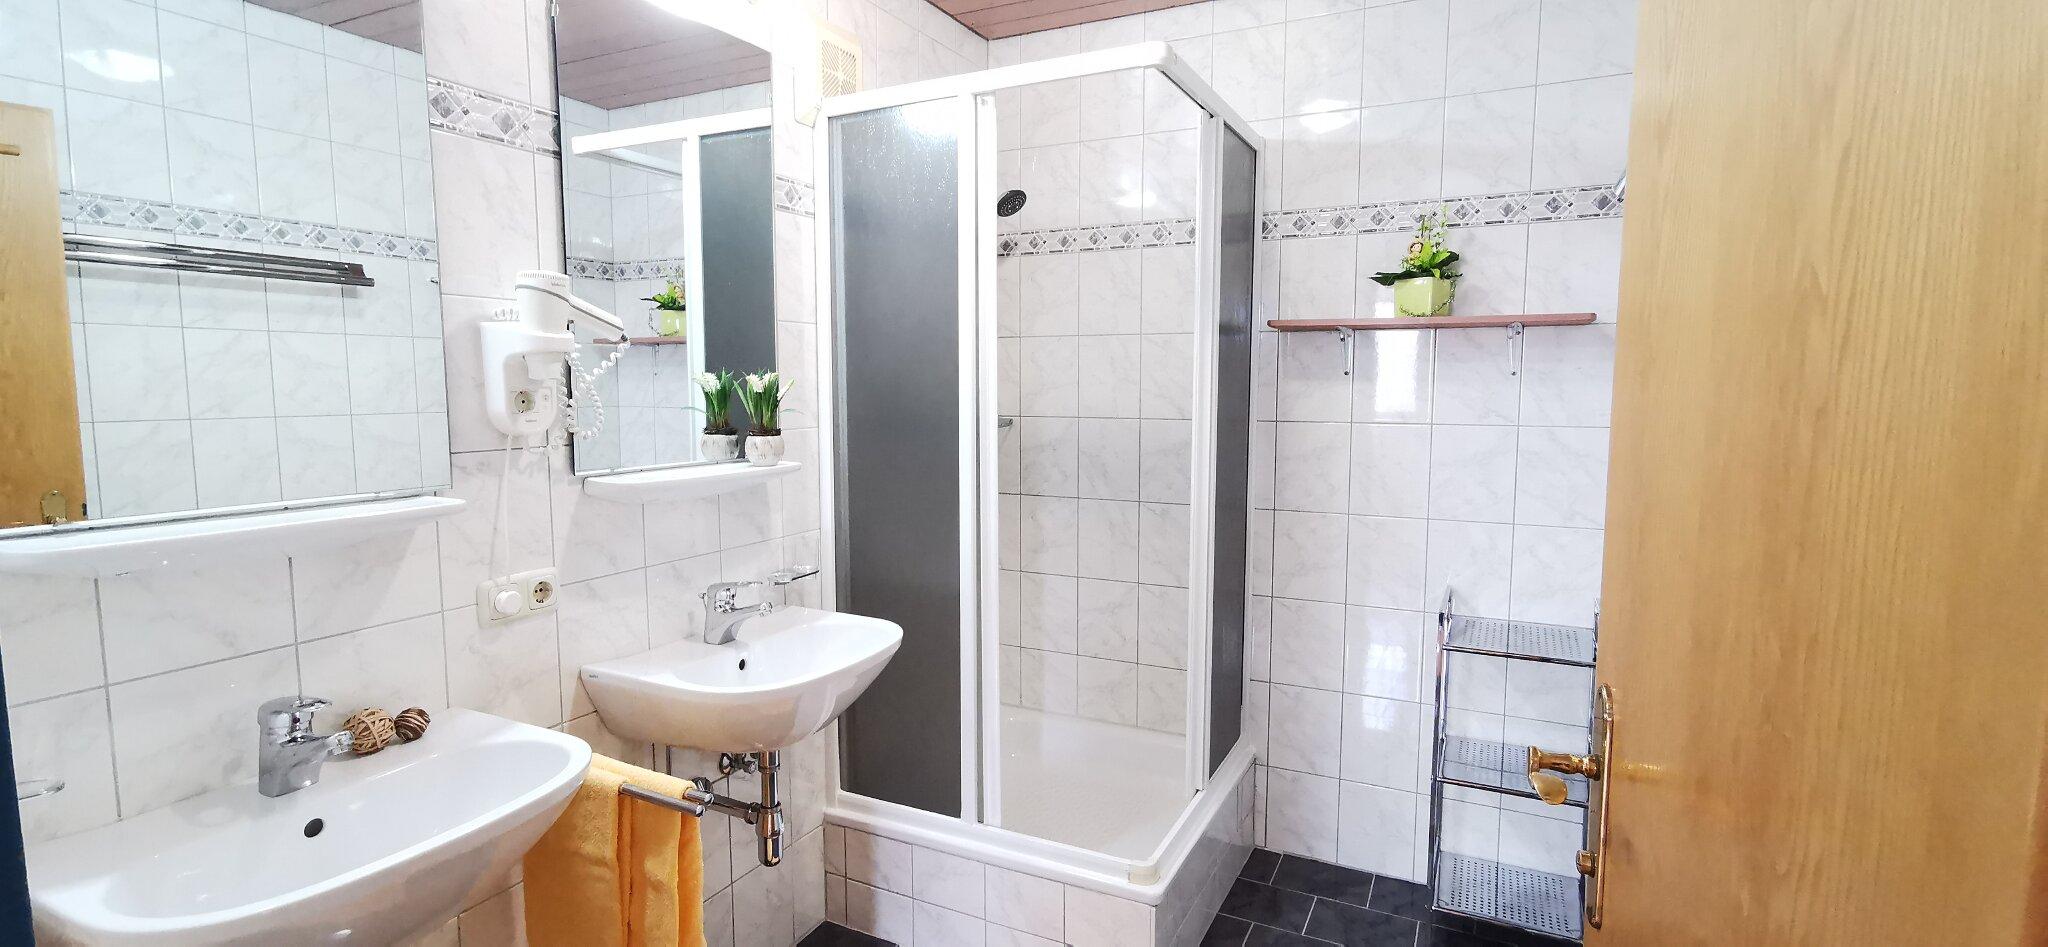 2 Bäder mit Haarföhns, 2 Toiletten